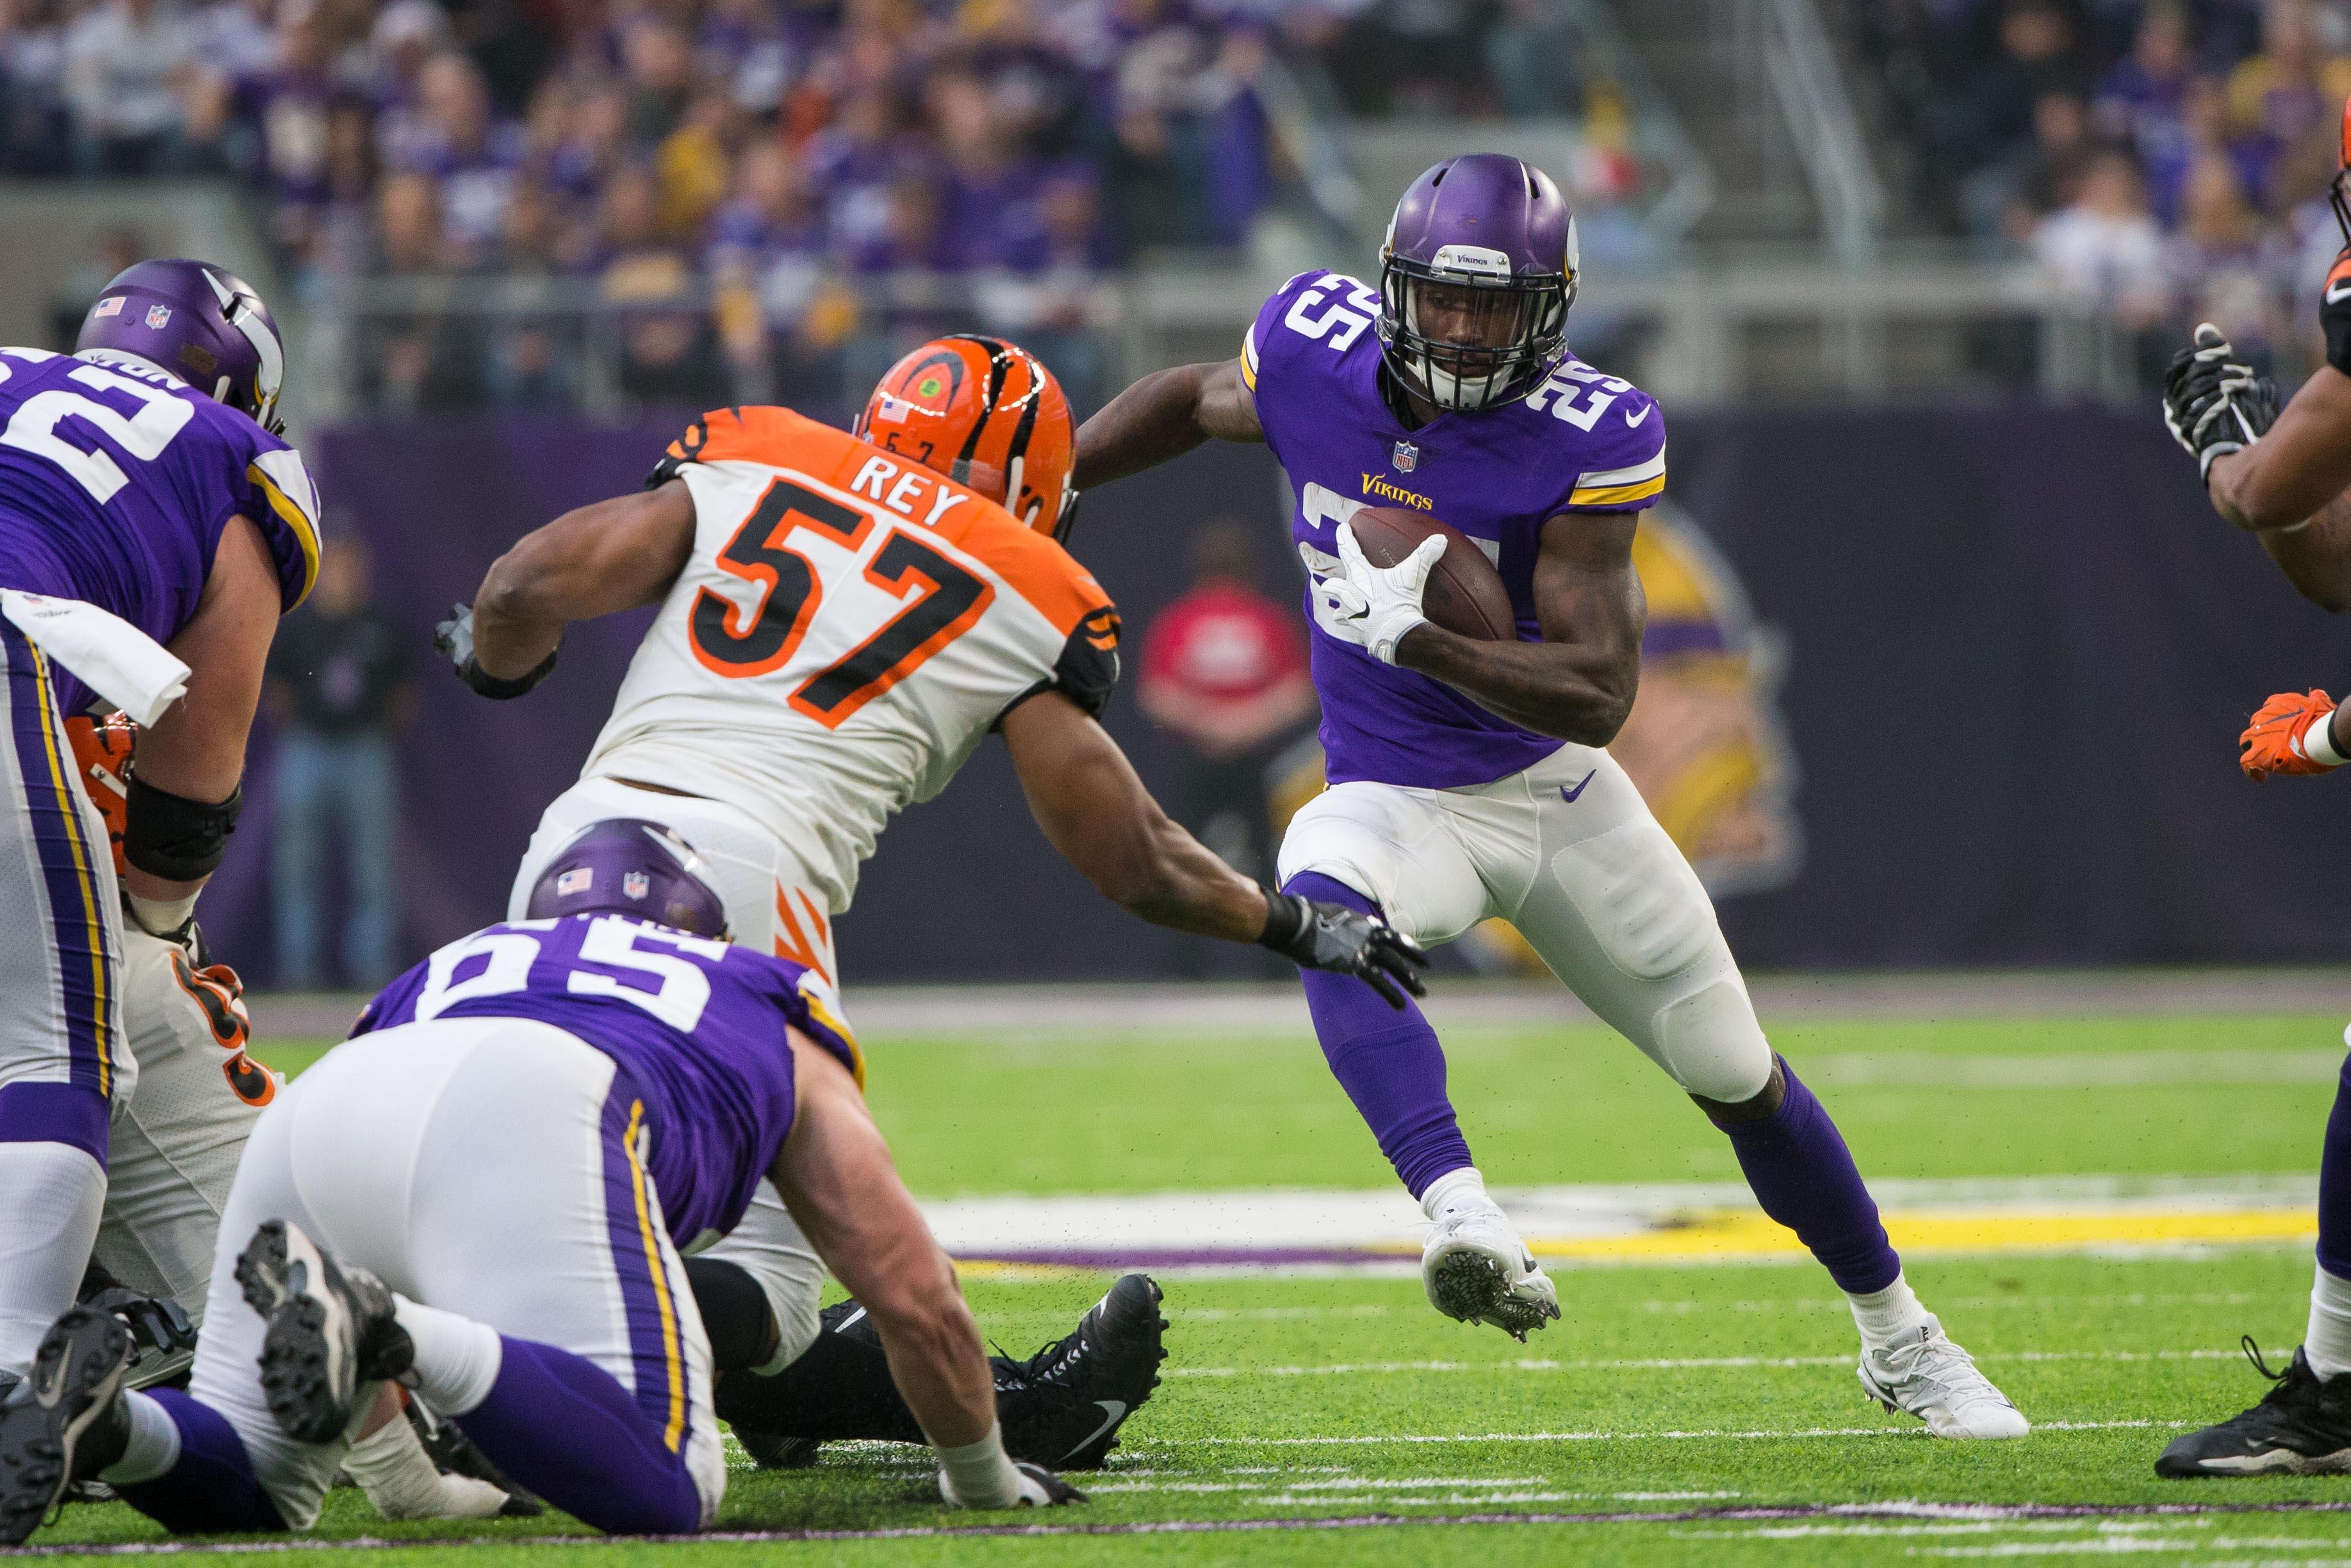 NFL: Cincinnati Bengals at Minnesota Vikings